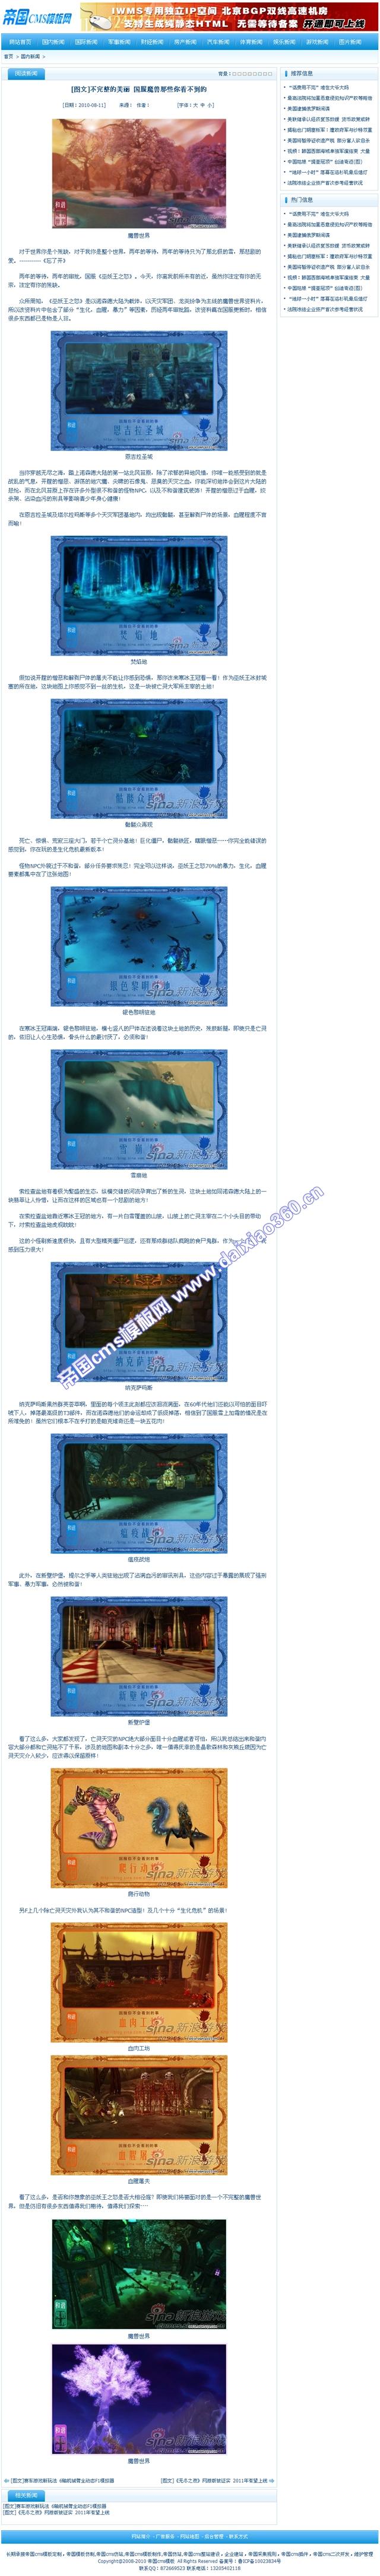 帝国cms蓝色新闻文章资讯网站模板_内容页